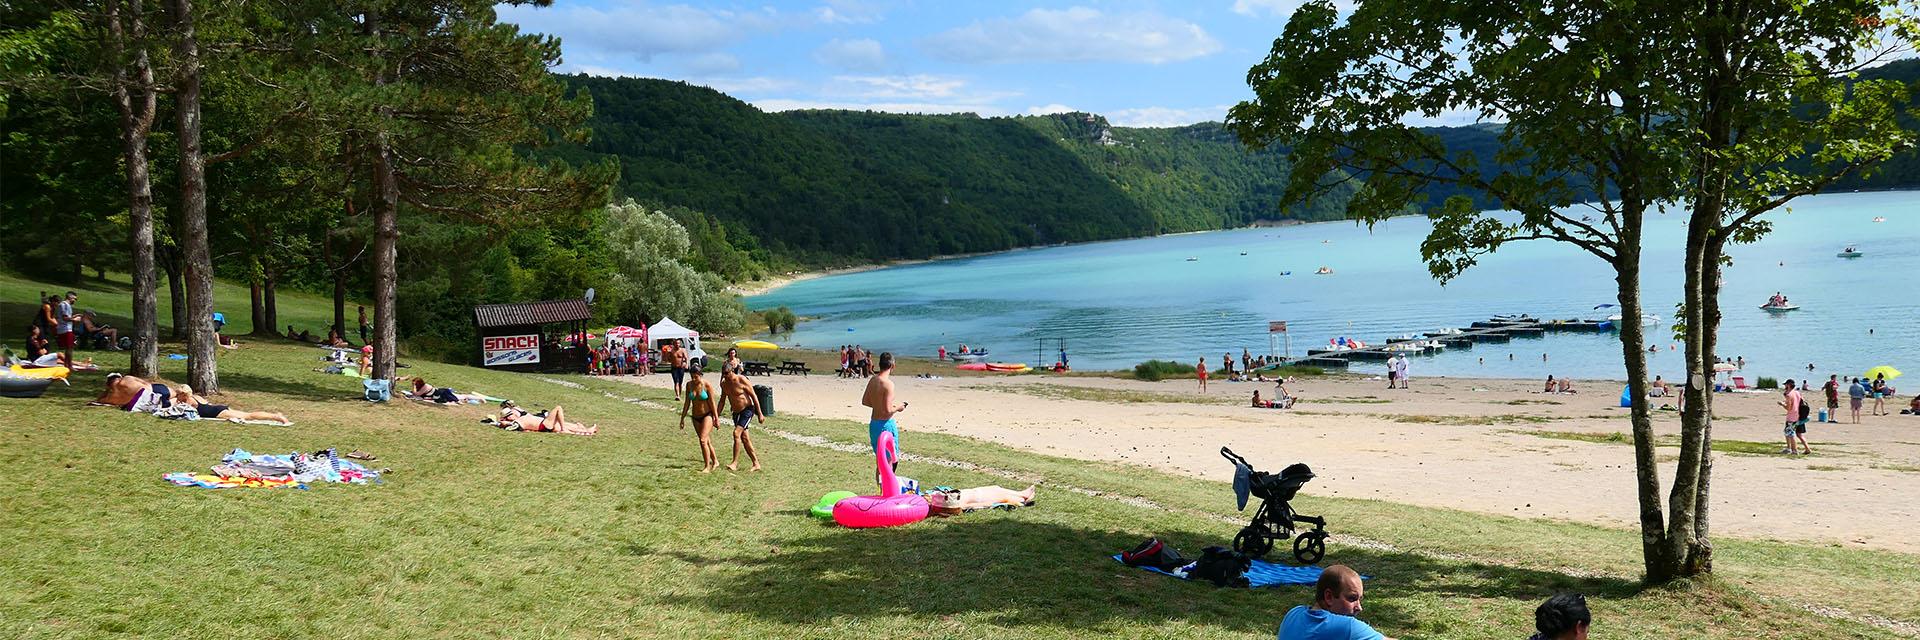 Terroir et patrimoine jurassiens - Les Chalets du Lac de Vouglans